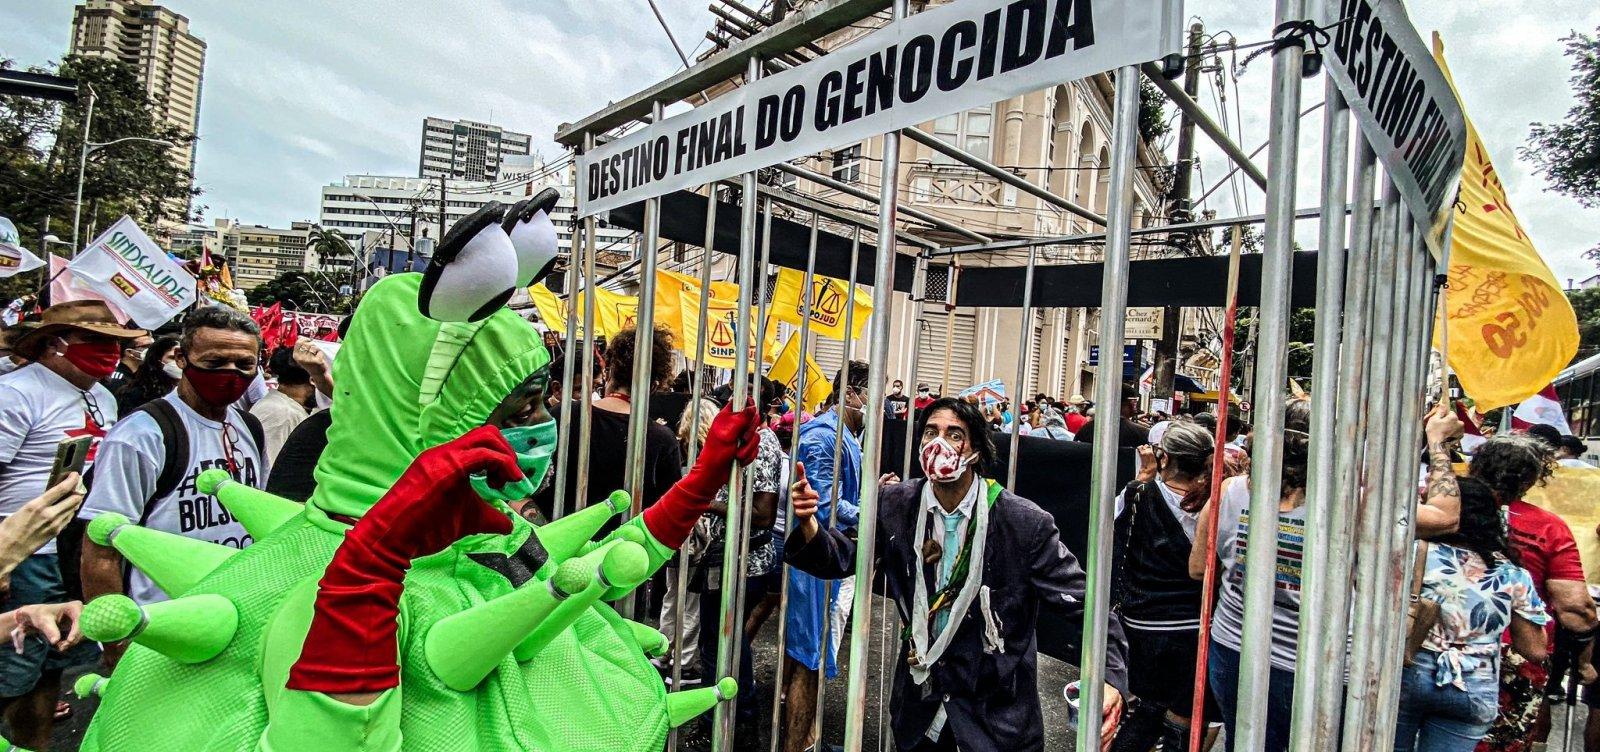 Mesmo com chuva, manifestantes fazem protesto contra Bolsonaro em Salvador